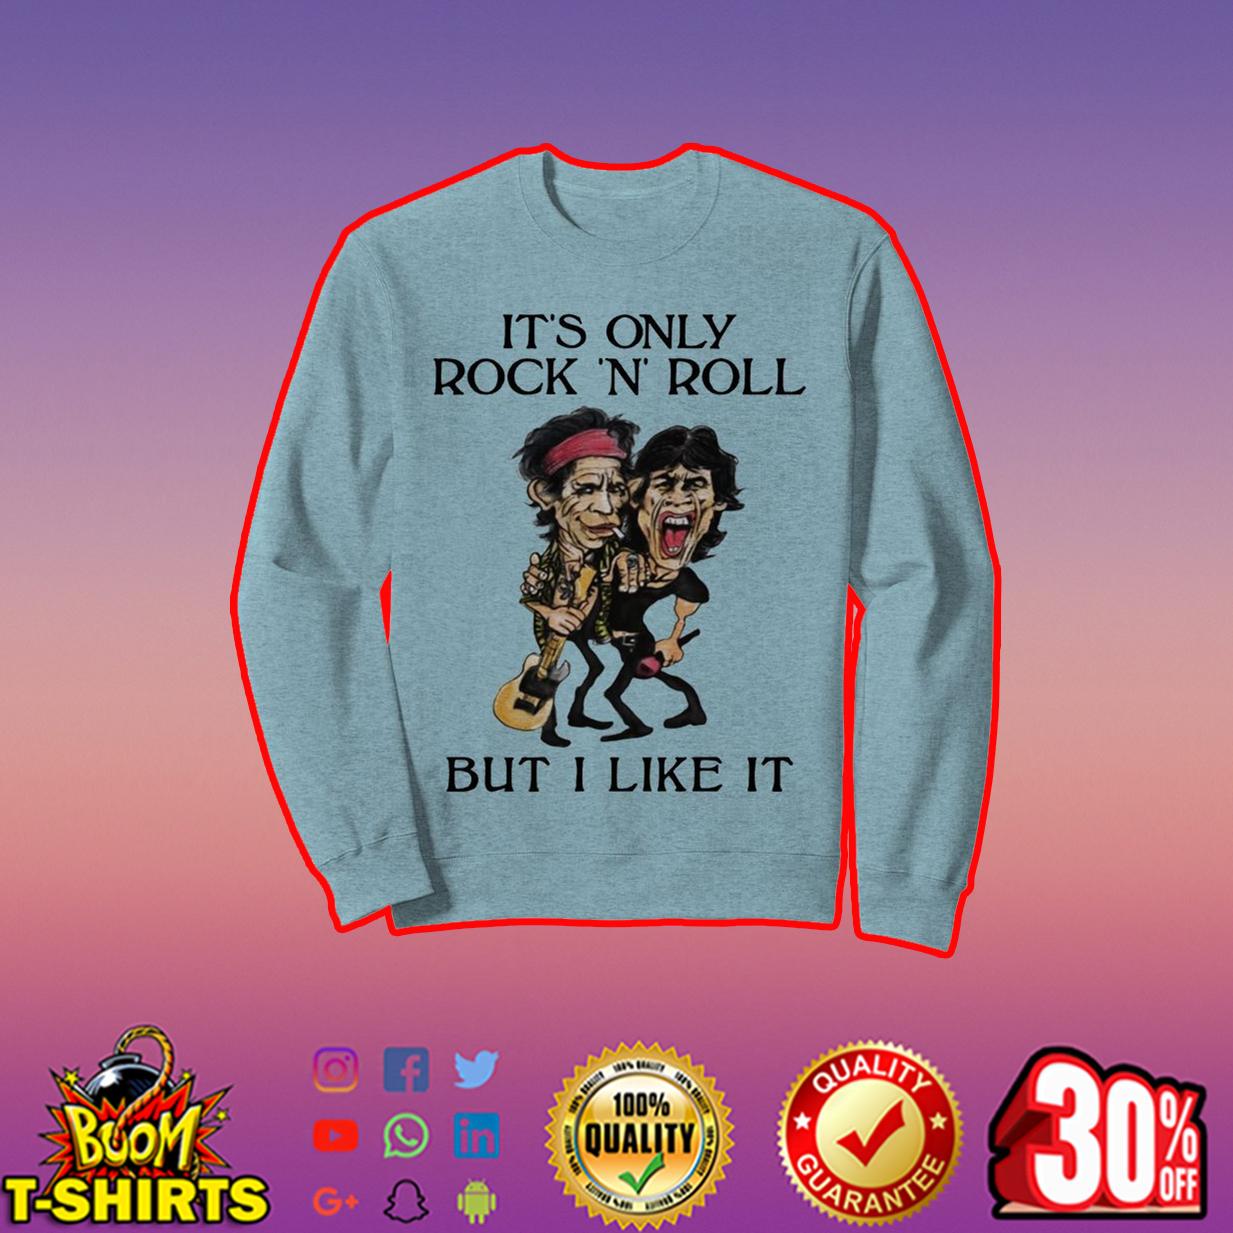 Rolling Stones It's only rock 'n' roll but I like it sweatshirt